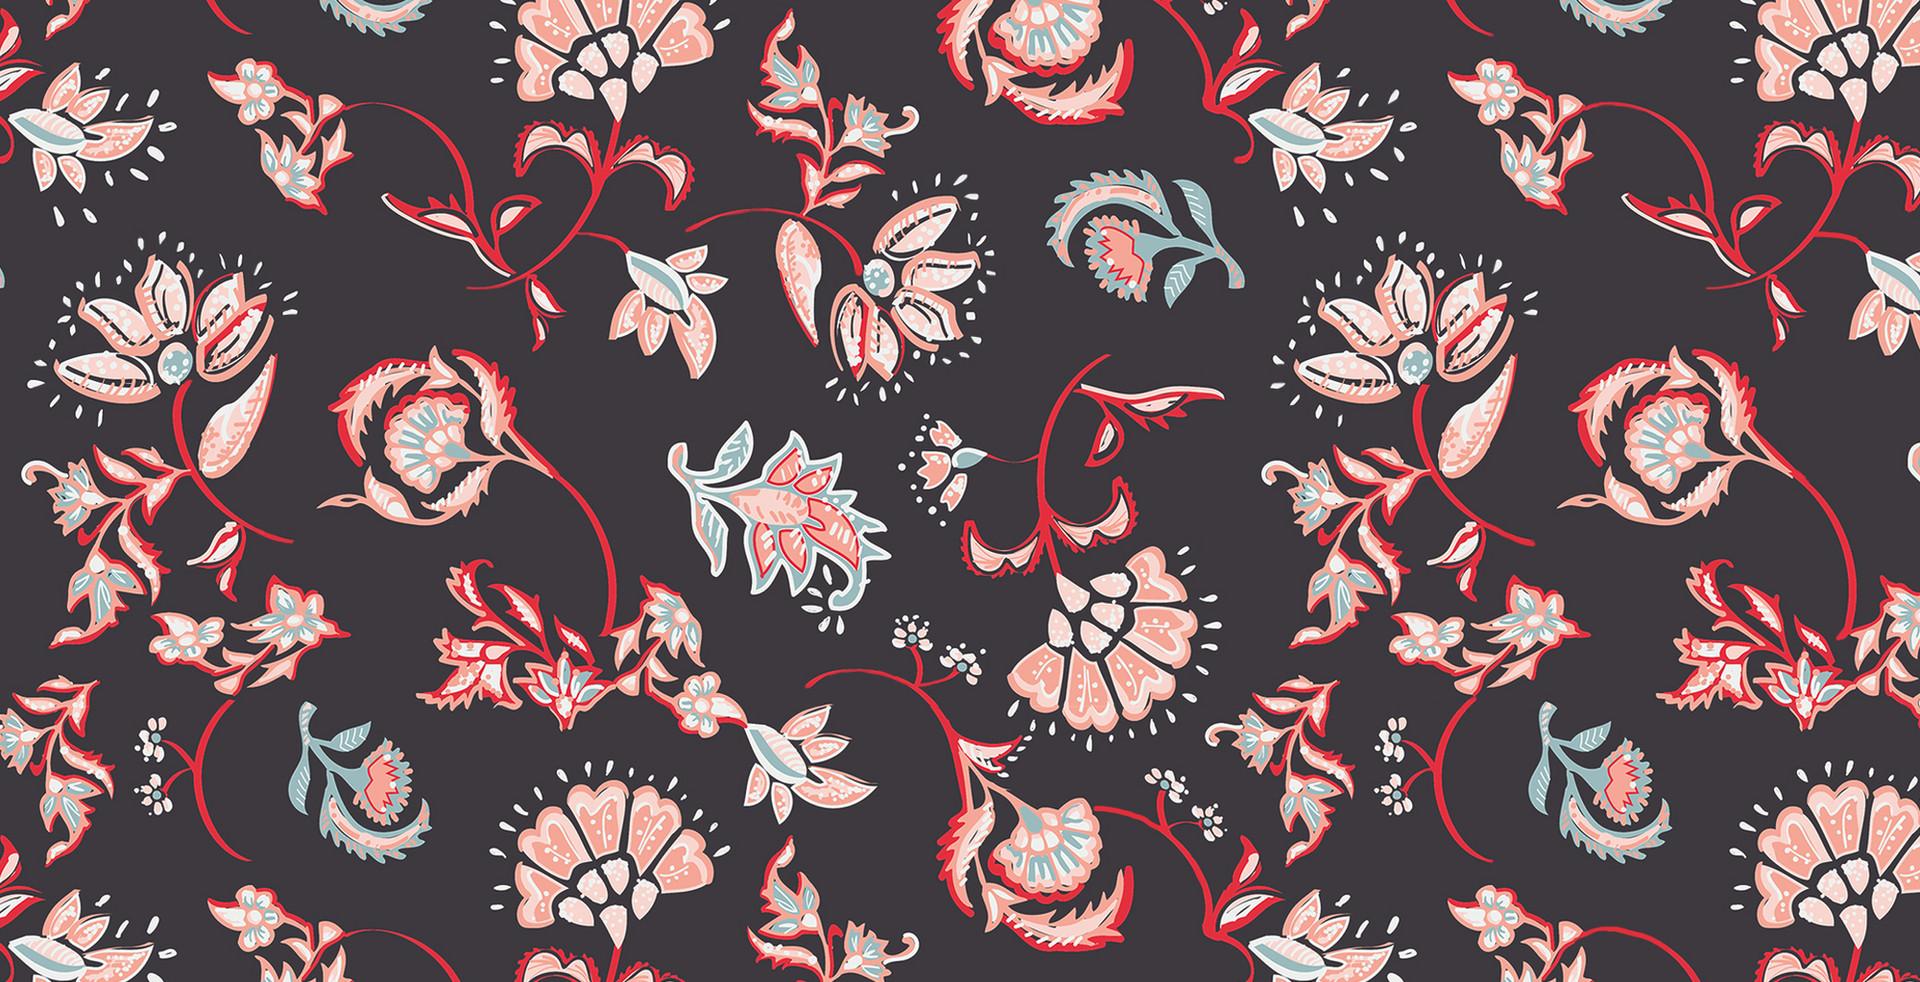 home-bandeau-floral5 copie.jpg